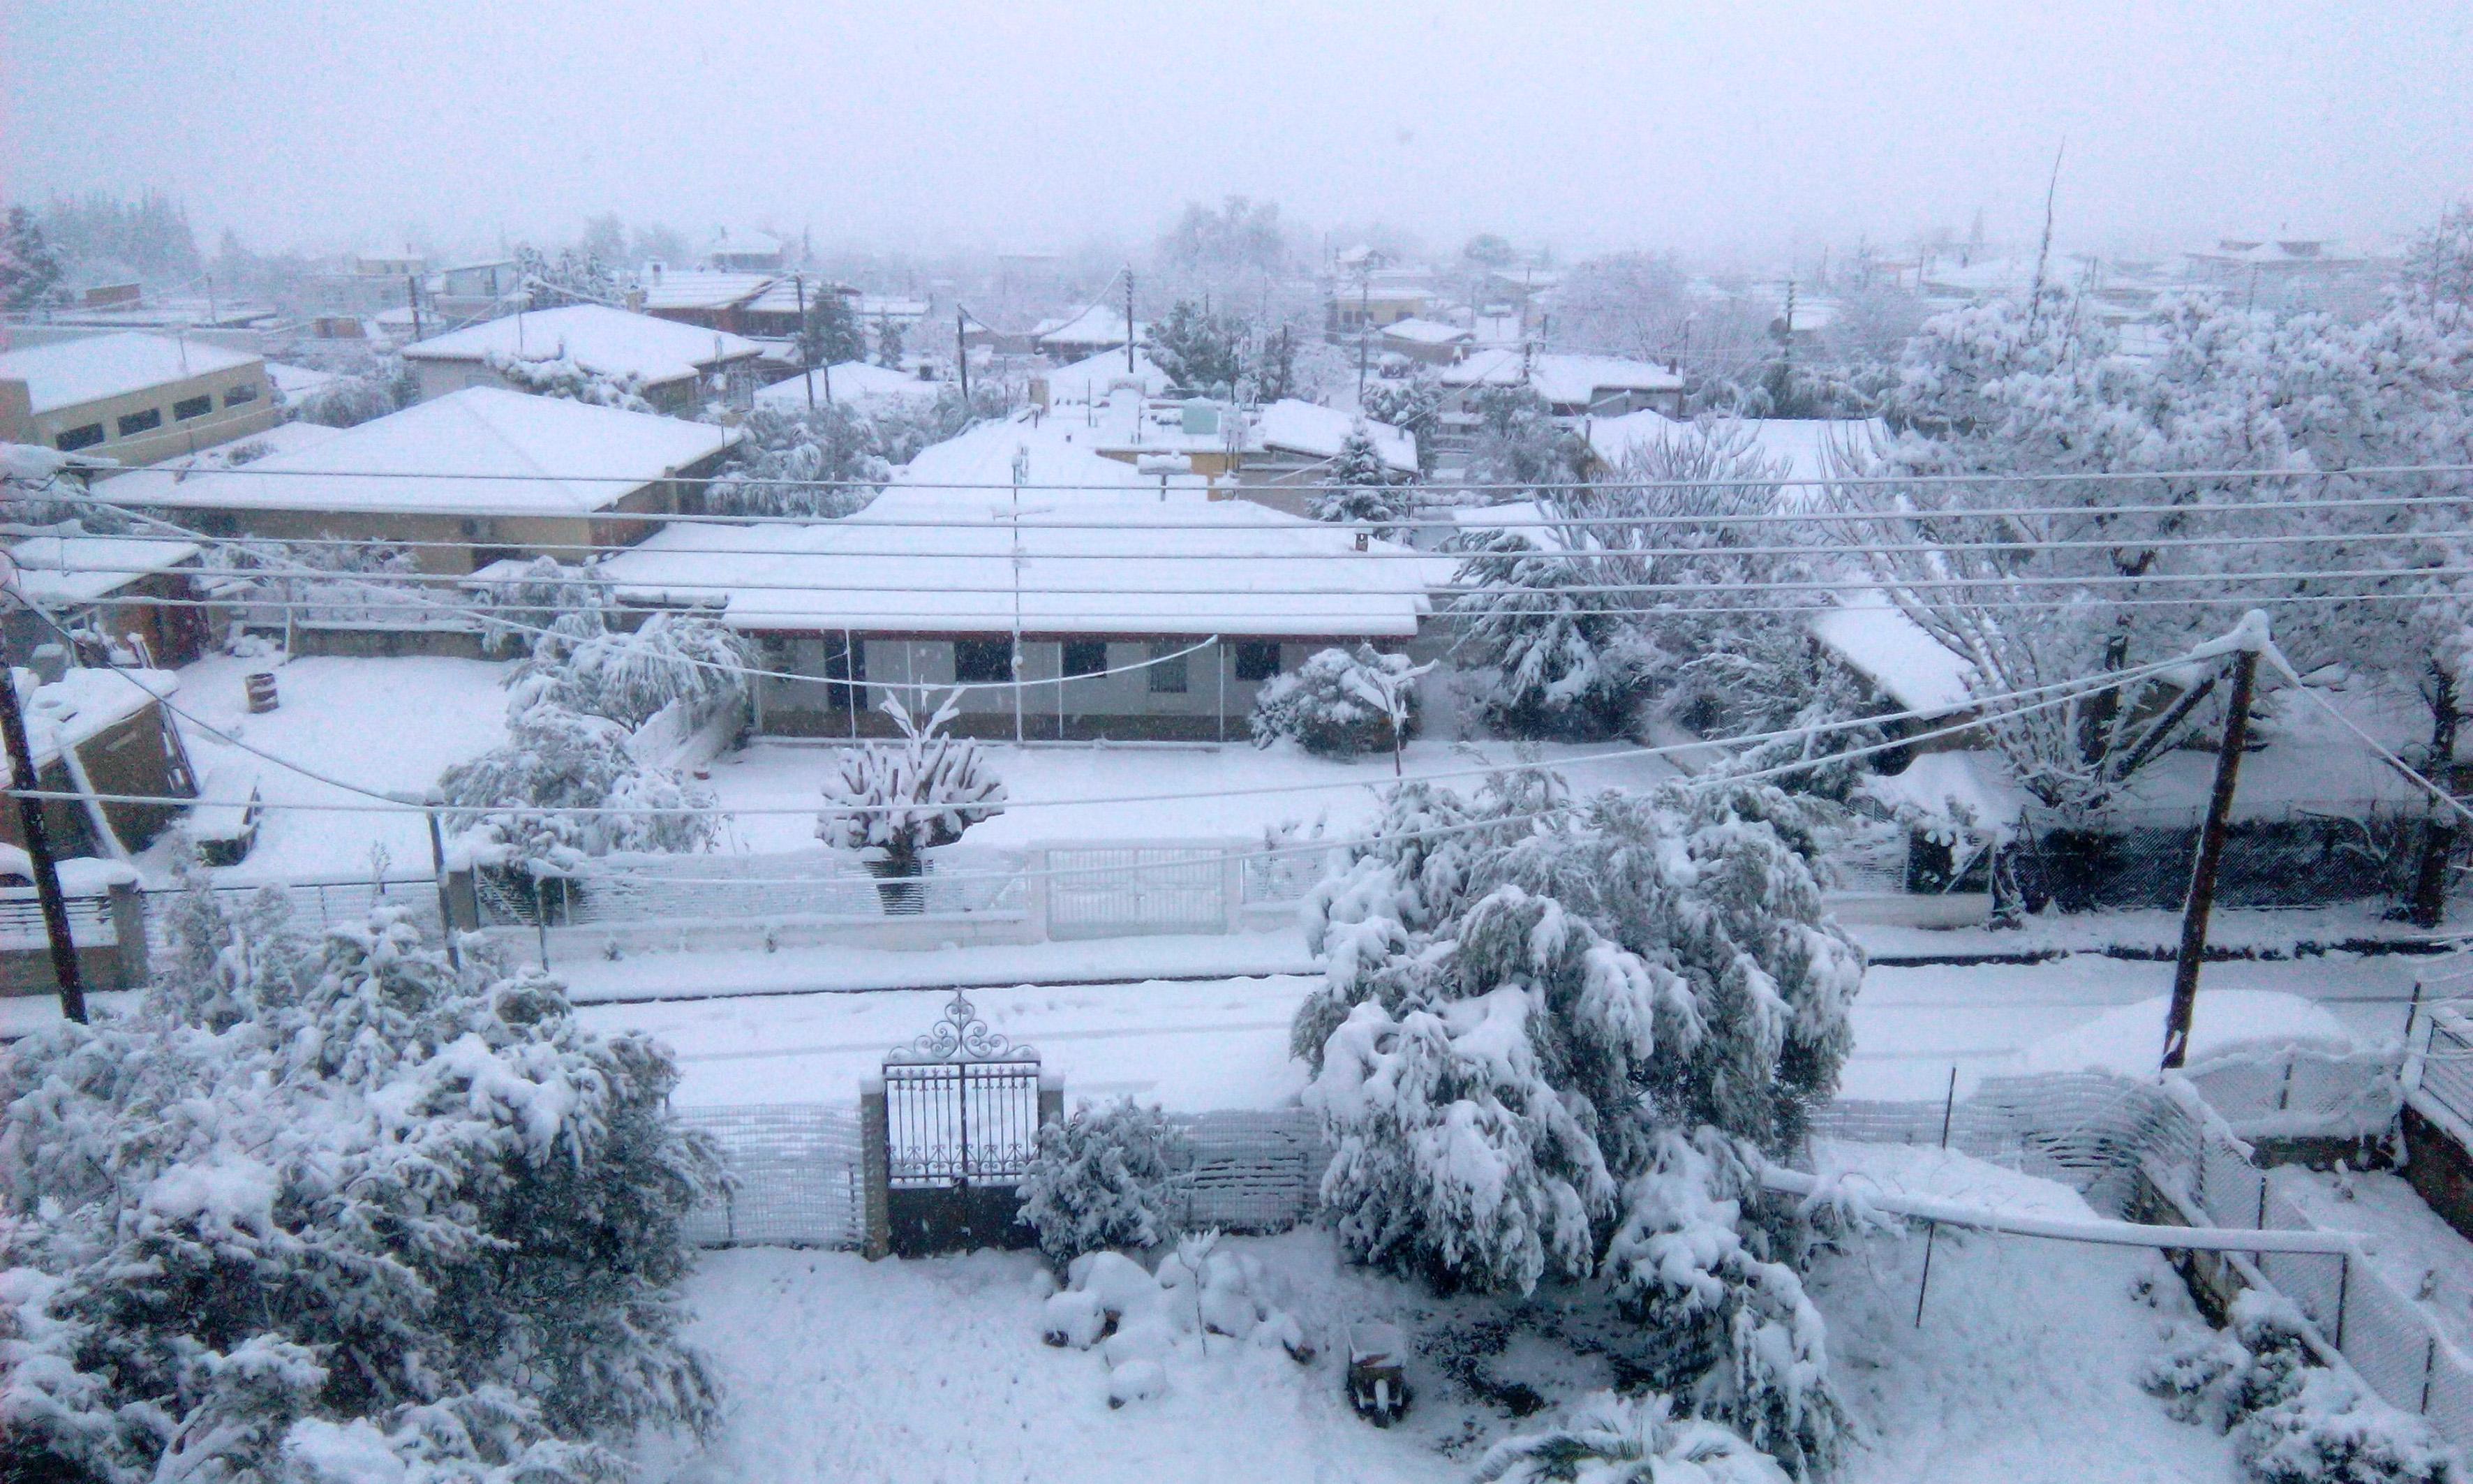 Σε κλοιό ψύχους η χώρα – Χαμηλές θερμοκρασίες και έντονες χιονοπτώσεις   tovima.gr